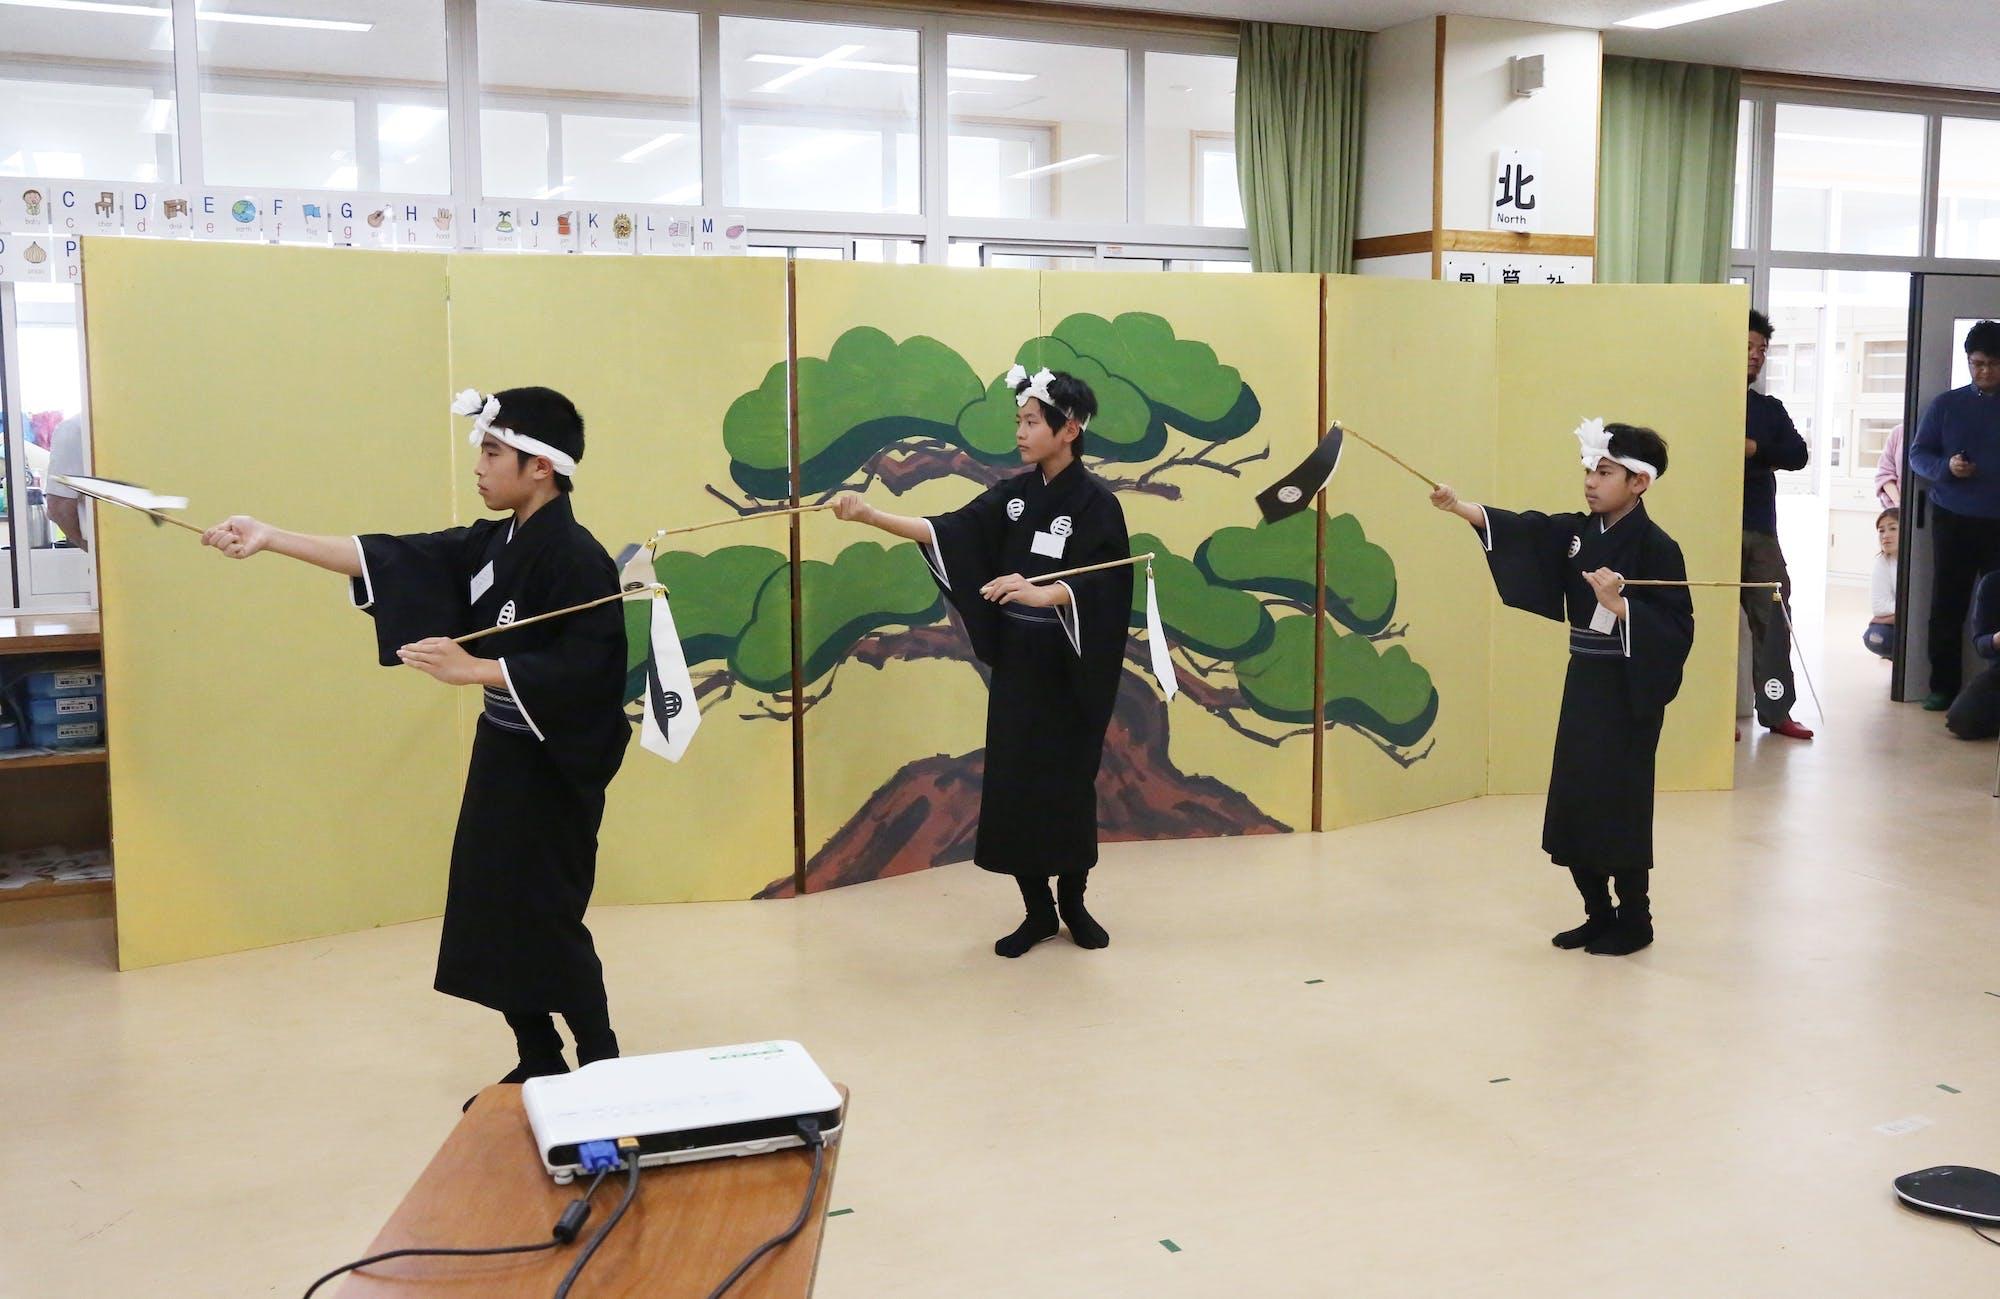 伊江小学校×坂元小学校 子ども芸能交流会(「ゼー」を持ち踊る) photo:當麻妙